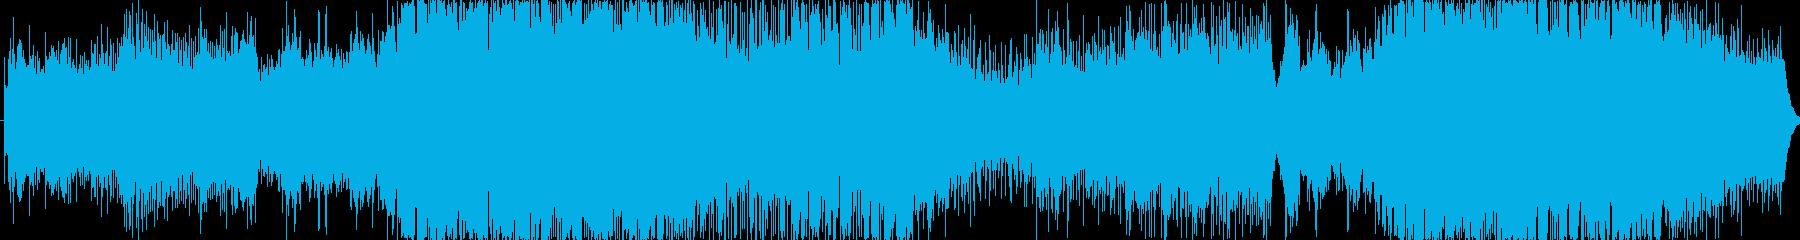 メロディアスなストリングスの OP曲の再生済みの波形